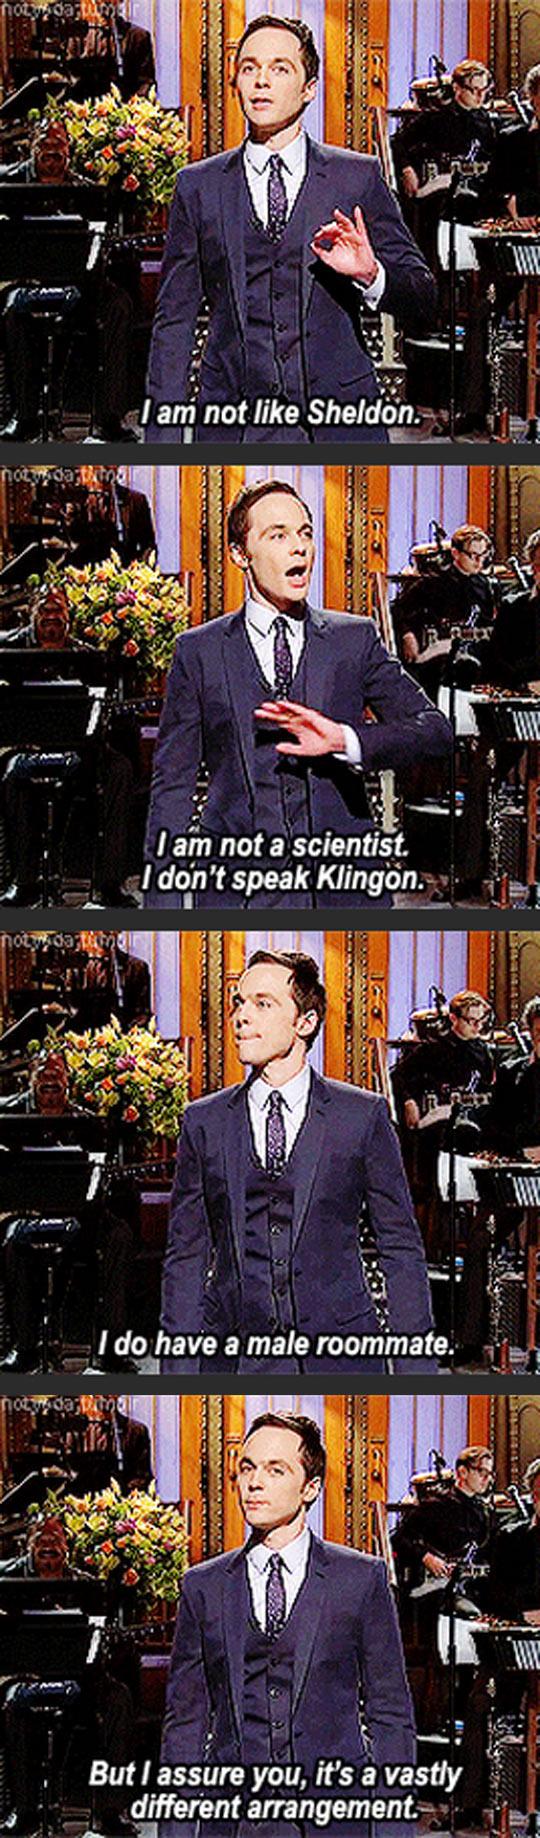 funny-Sheldon-Jim-Parsons-SNL